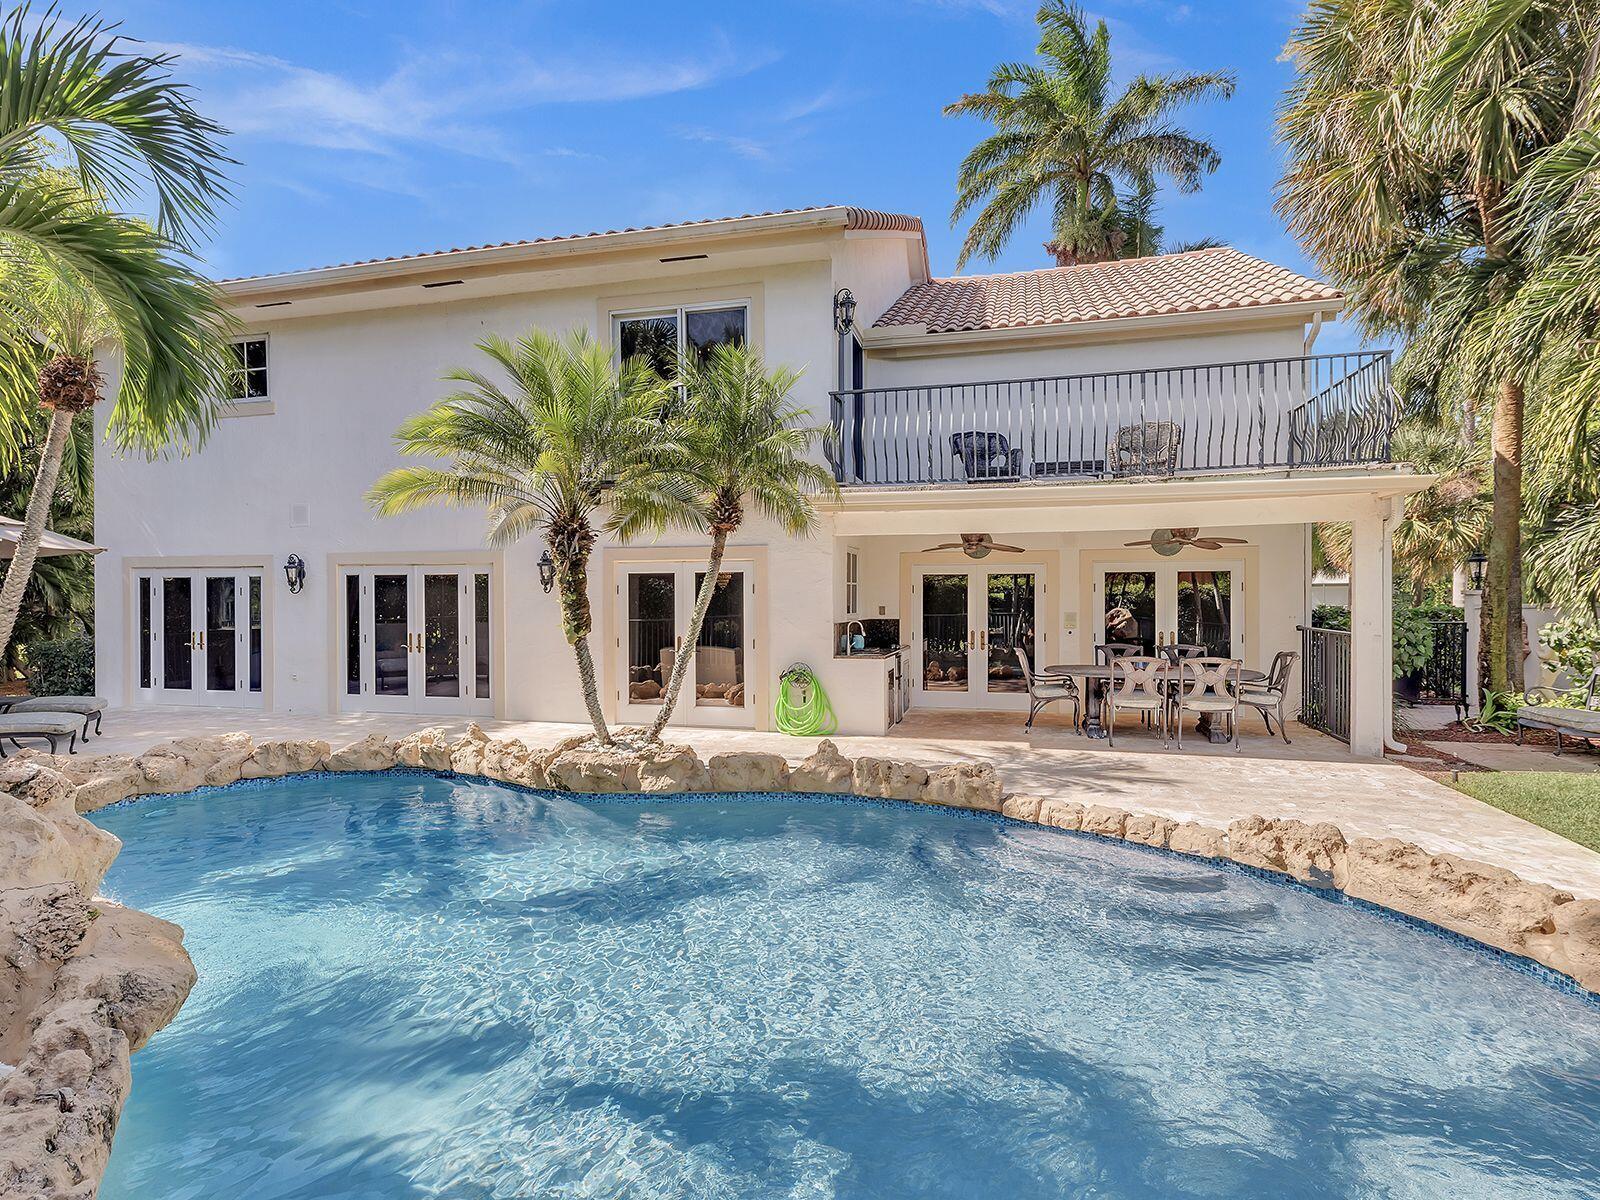 Pool-Balcony